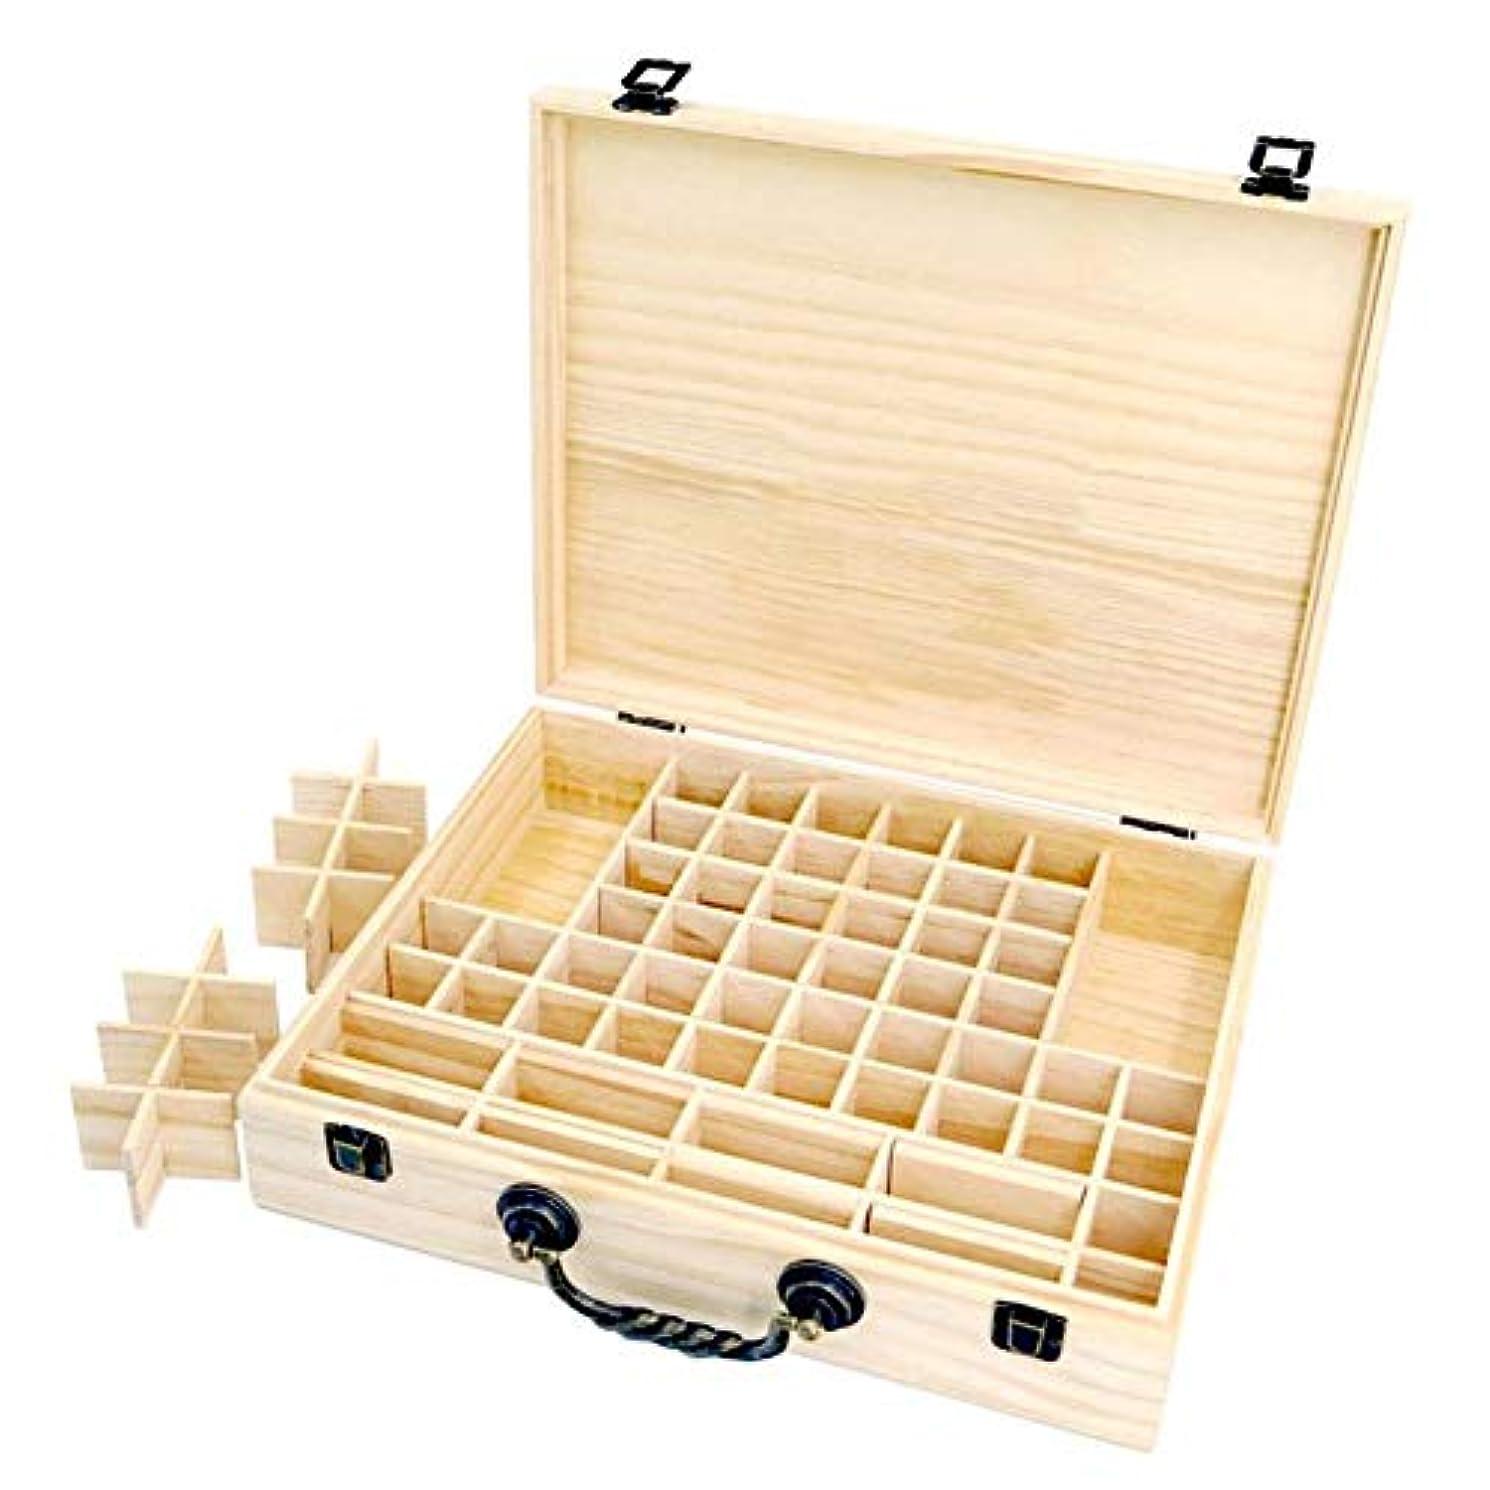 セラフ解釈する森林エッセンシャルオイル収納ボックス 収納ケース 保存ボックス パイン製 取り外し可能なメッシュ 70グリッド 持ち運び便利 junexi